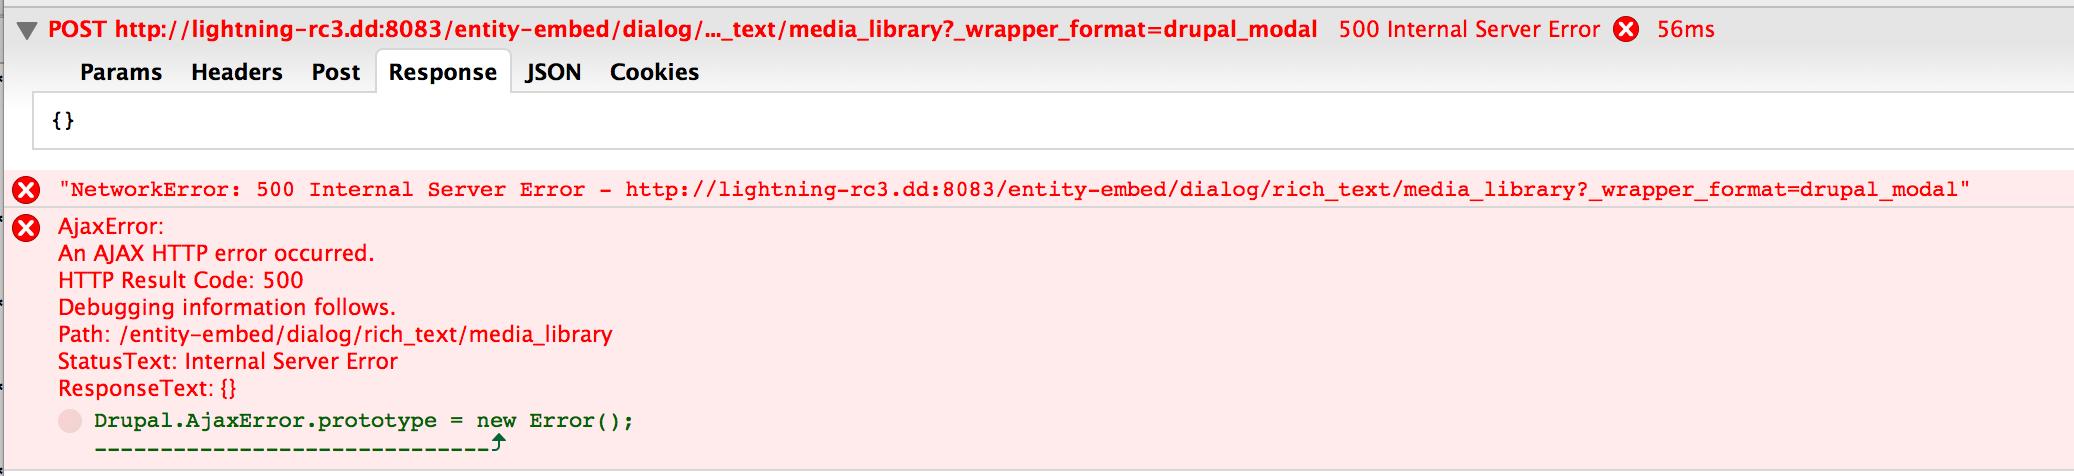 500 error when clicking media library button [#2717403